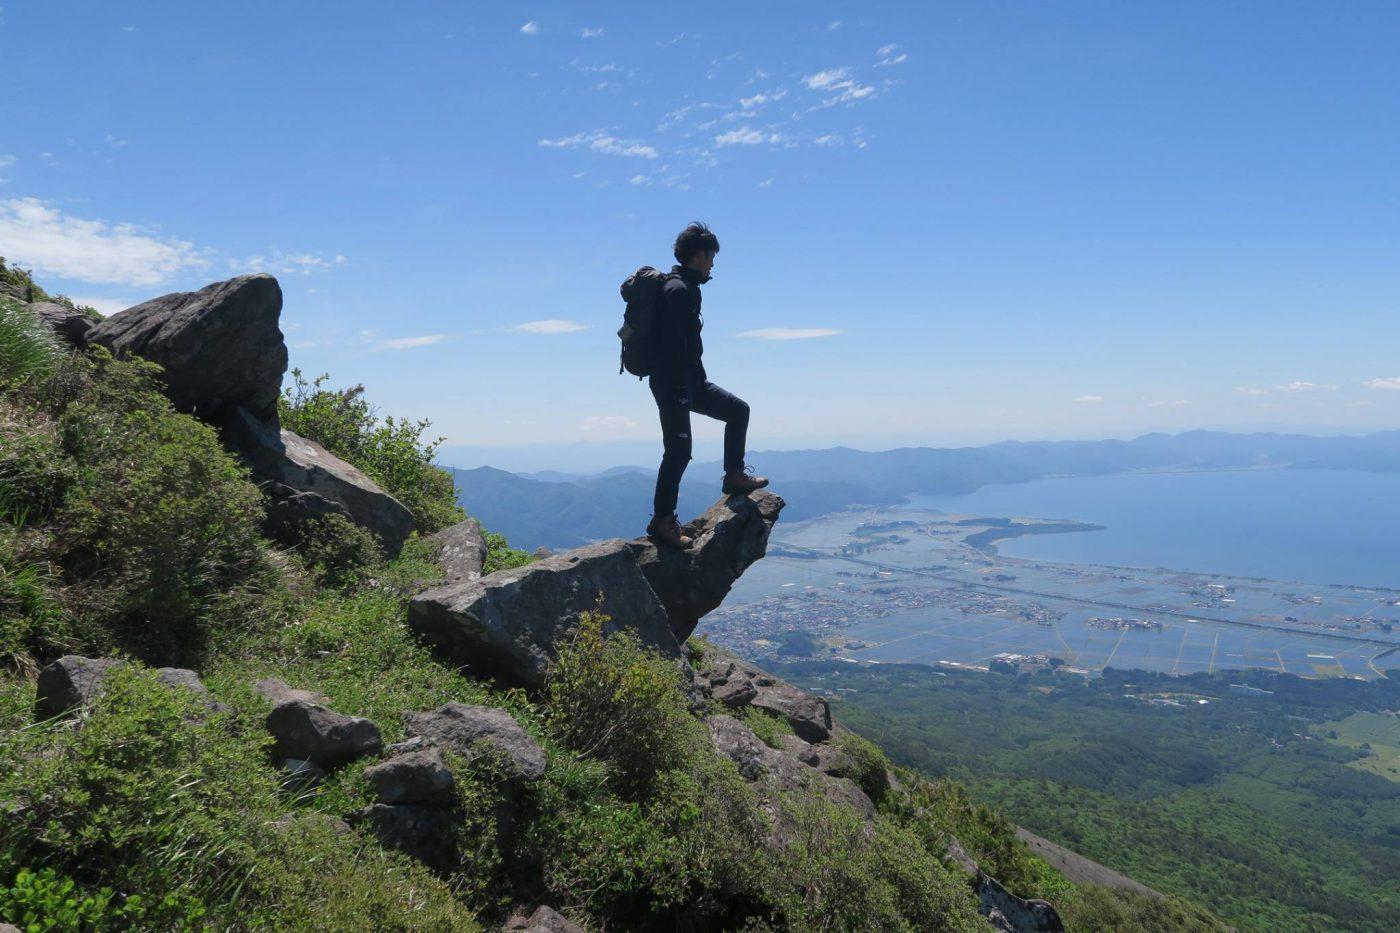 福島県猪苗代湖モビレージから行ける磐梯山